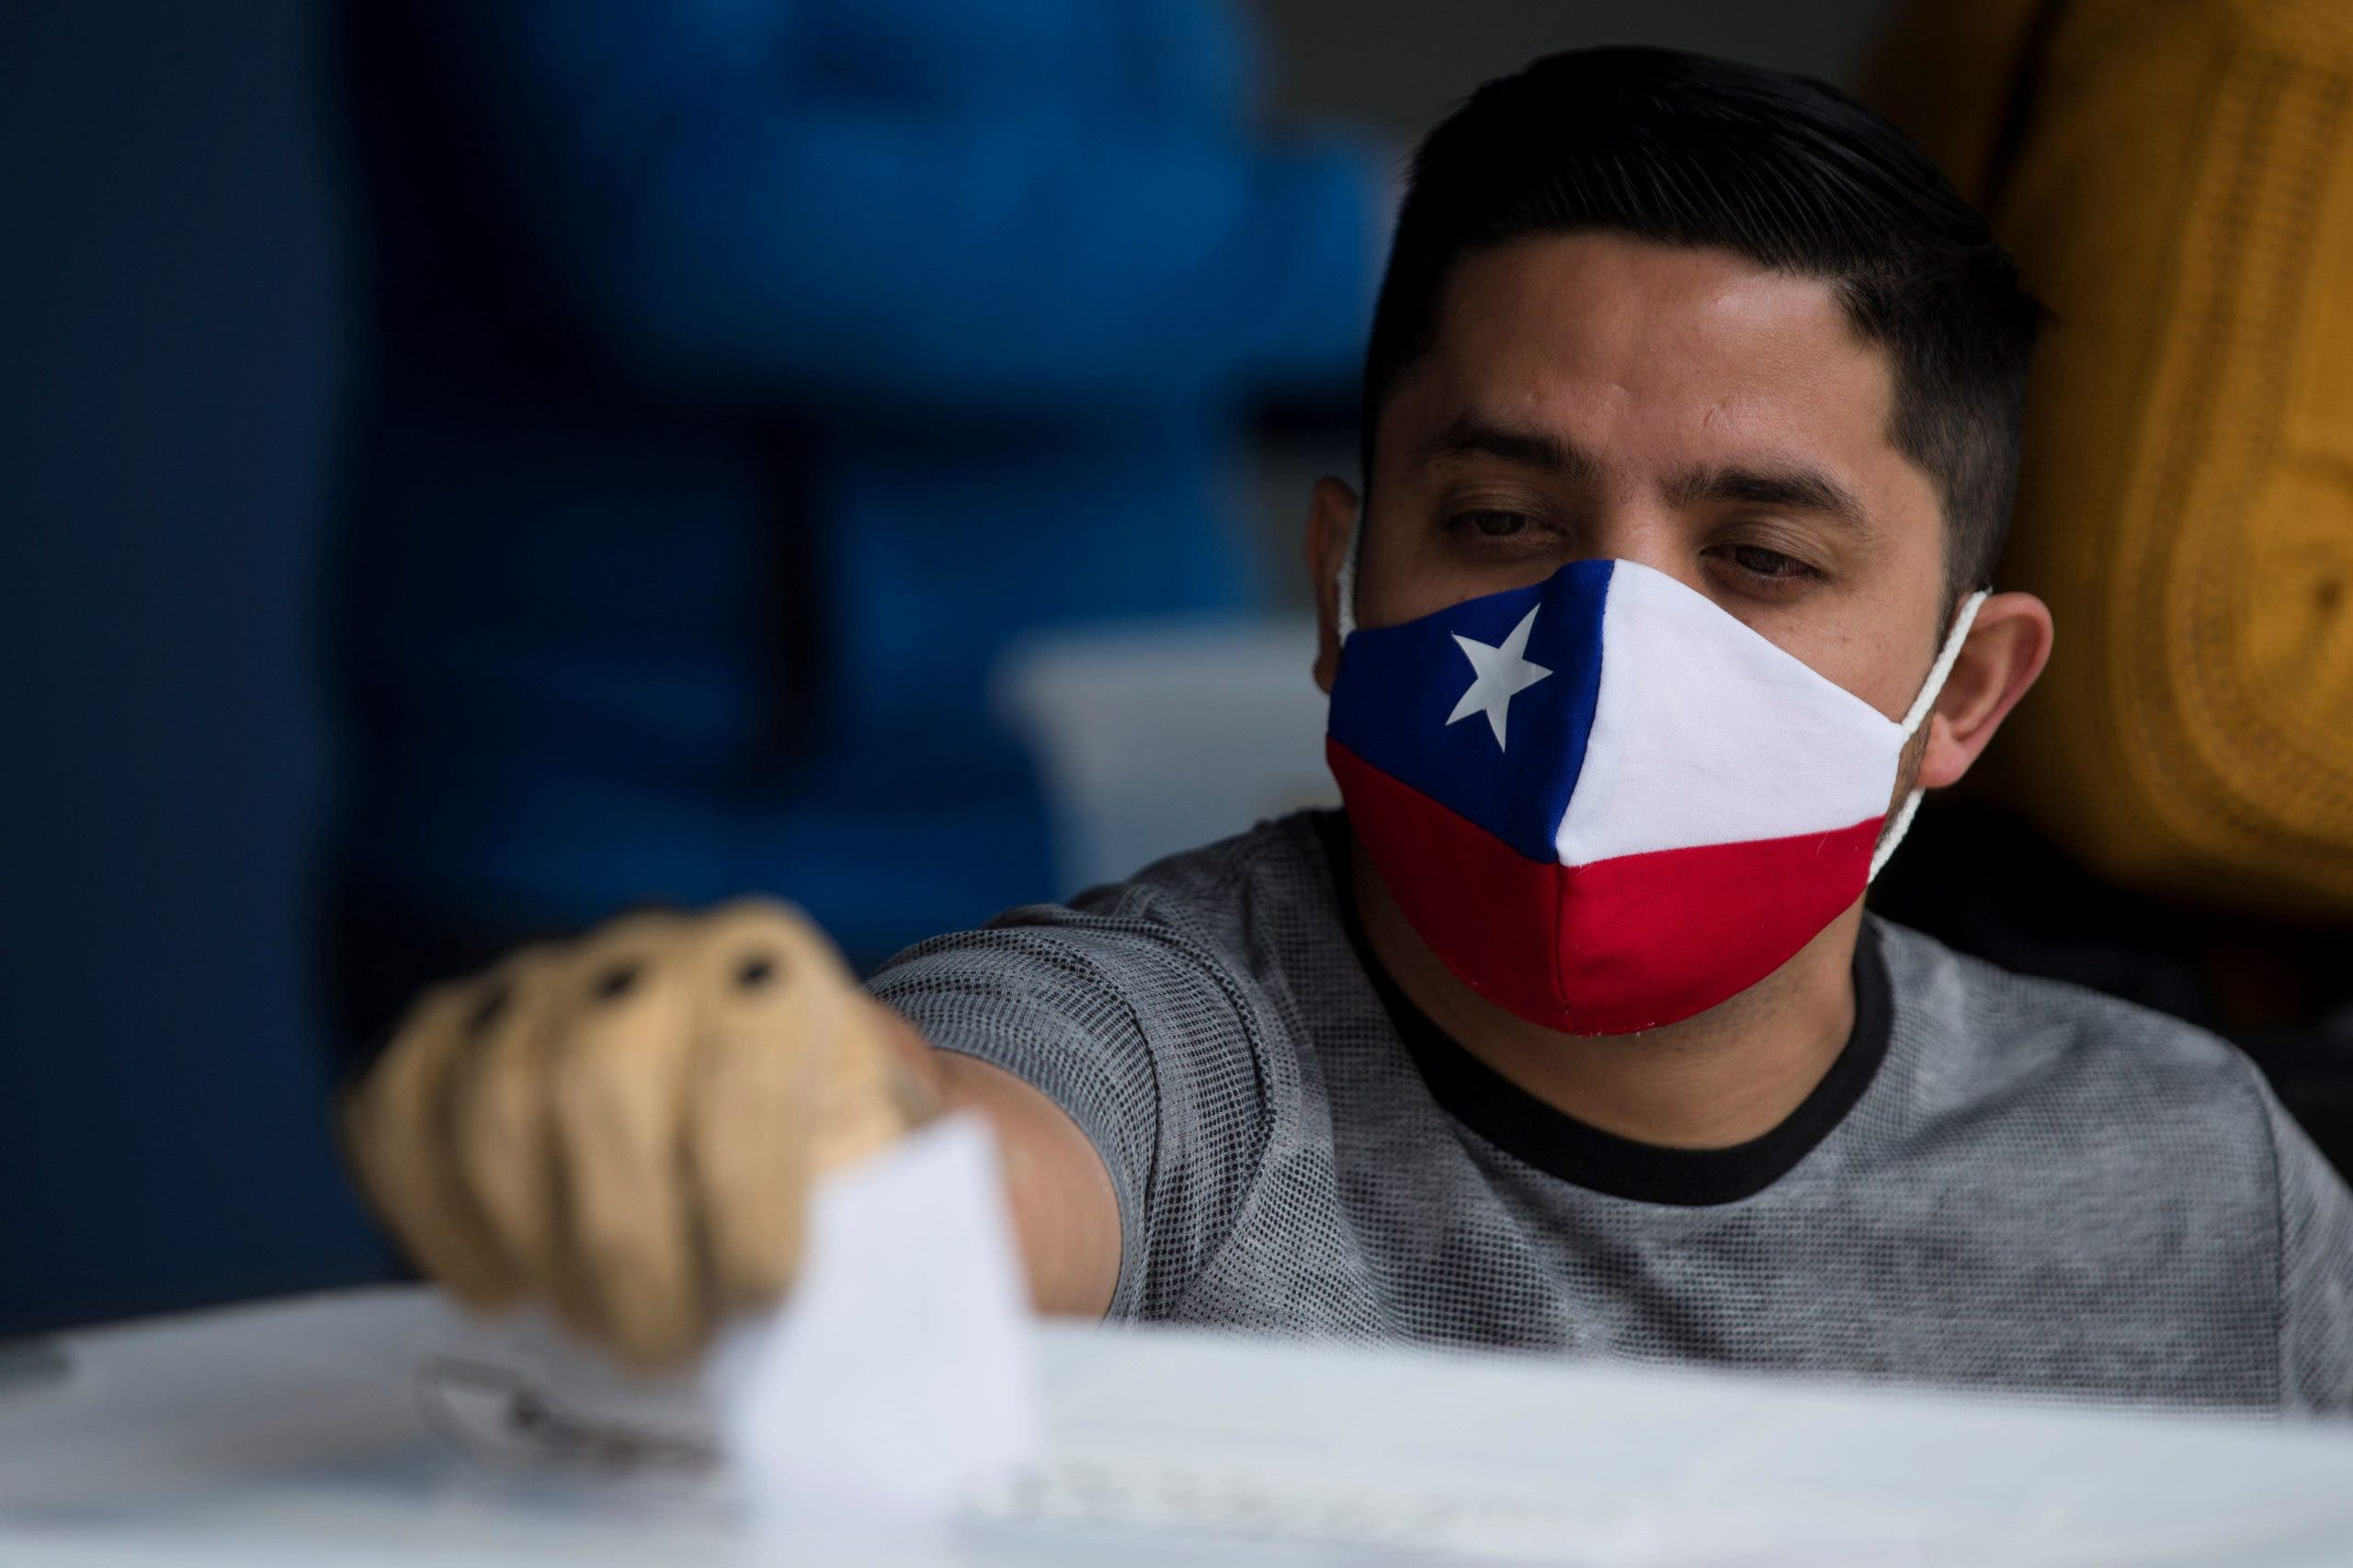 En imágenes: Plebiscito histórico en Chile